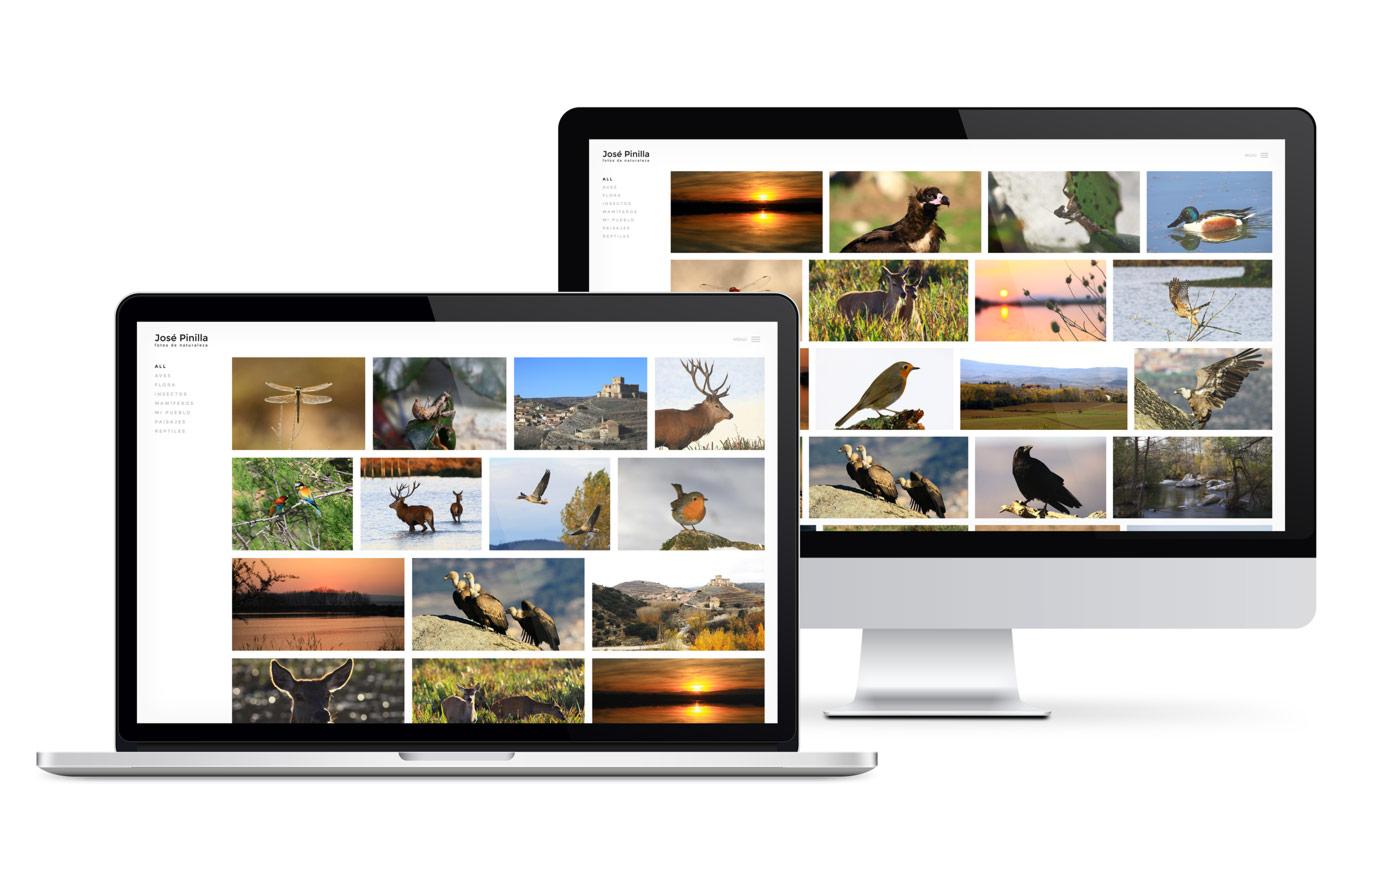 Pagina web para albumes fotograficos de paisaje y naturaleza